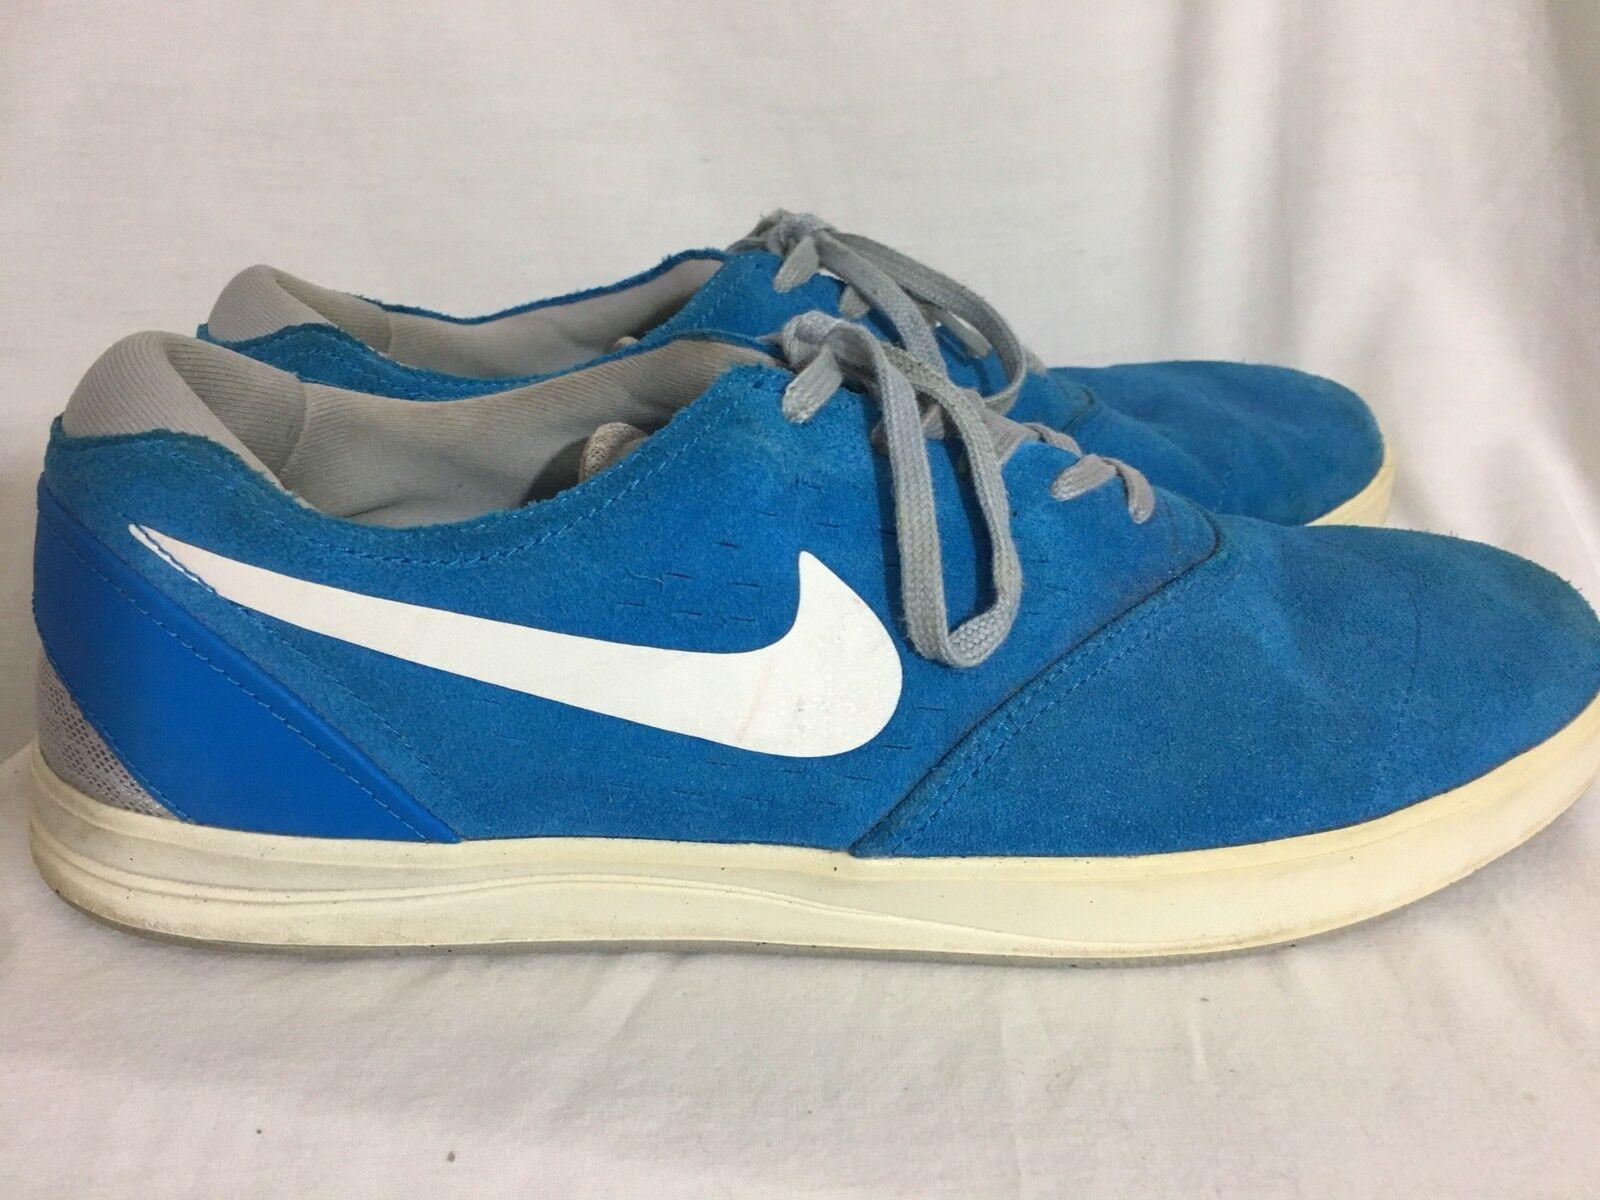 new style e1ff5 4d144 Nike Hombre Signature Eric Kosten skateboarding Azul Azul Azul Suede  nosotros cómodo barato y hermoso moda